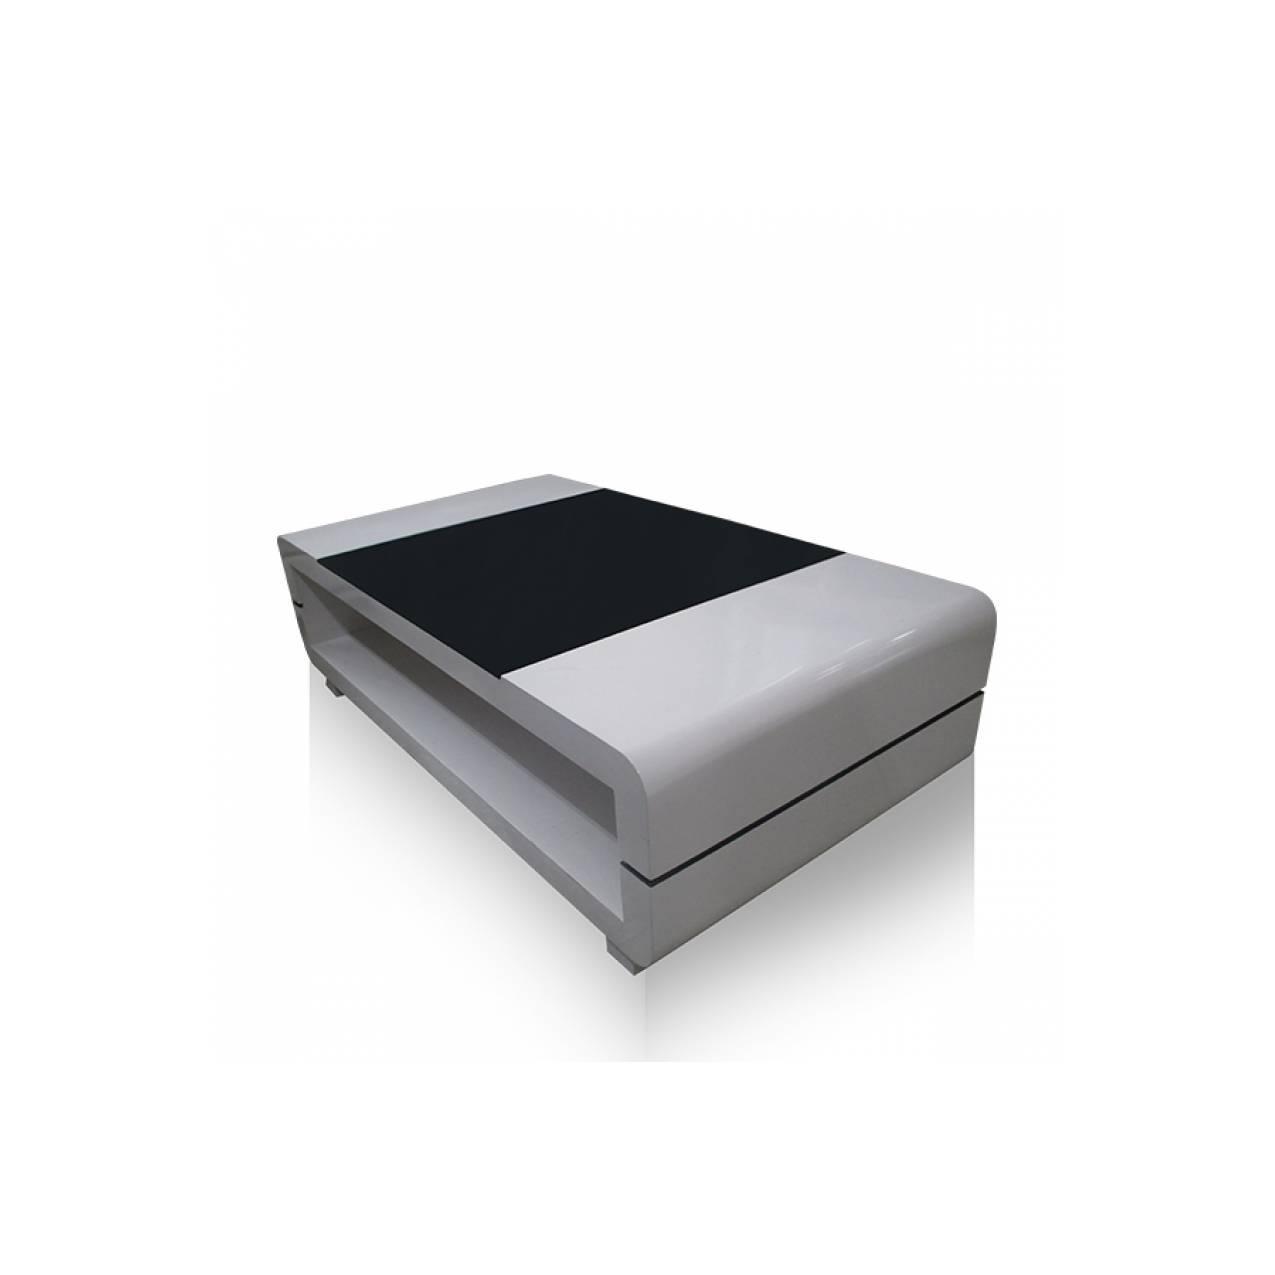 Meja Tamu Persegi Panjang Multiplek + Duco LD 01 - Putih Hitam